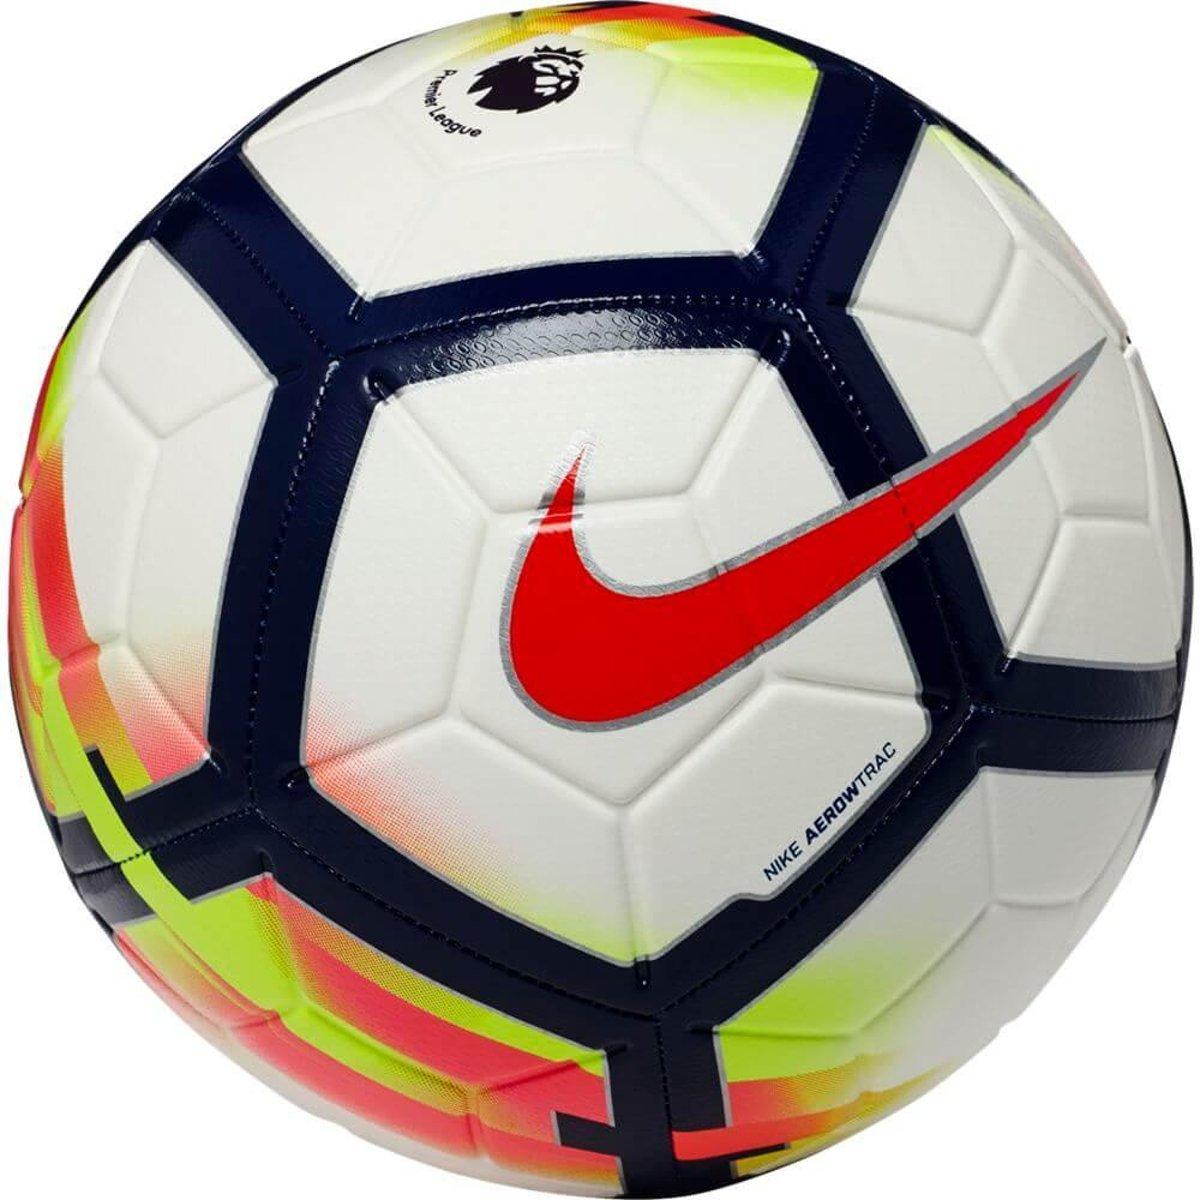 c635cd02479 Nike VoetbalKinderen en volwassenen - wit/blauw/geel/oranje - Nike ...